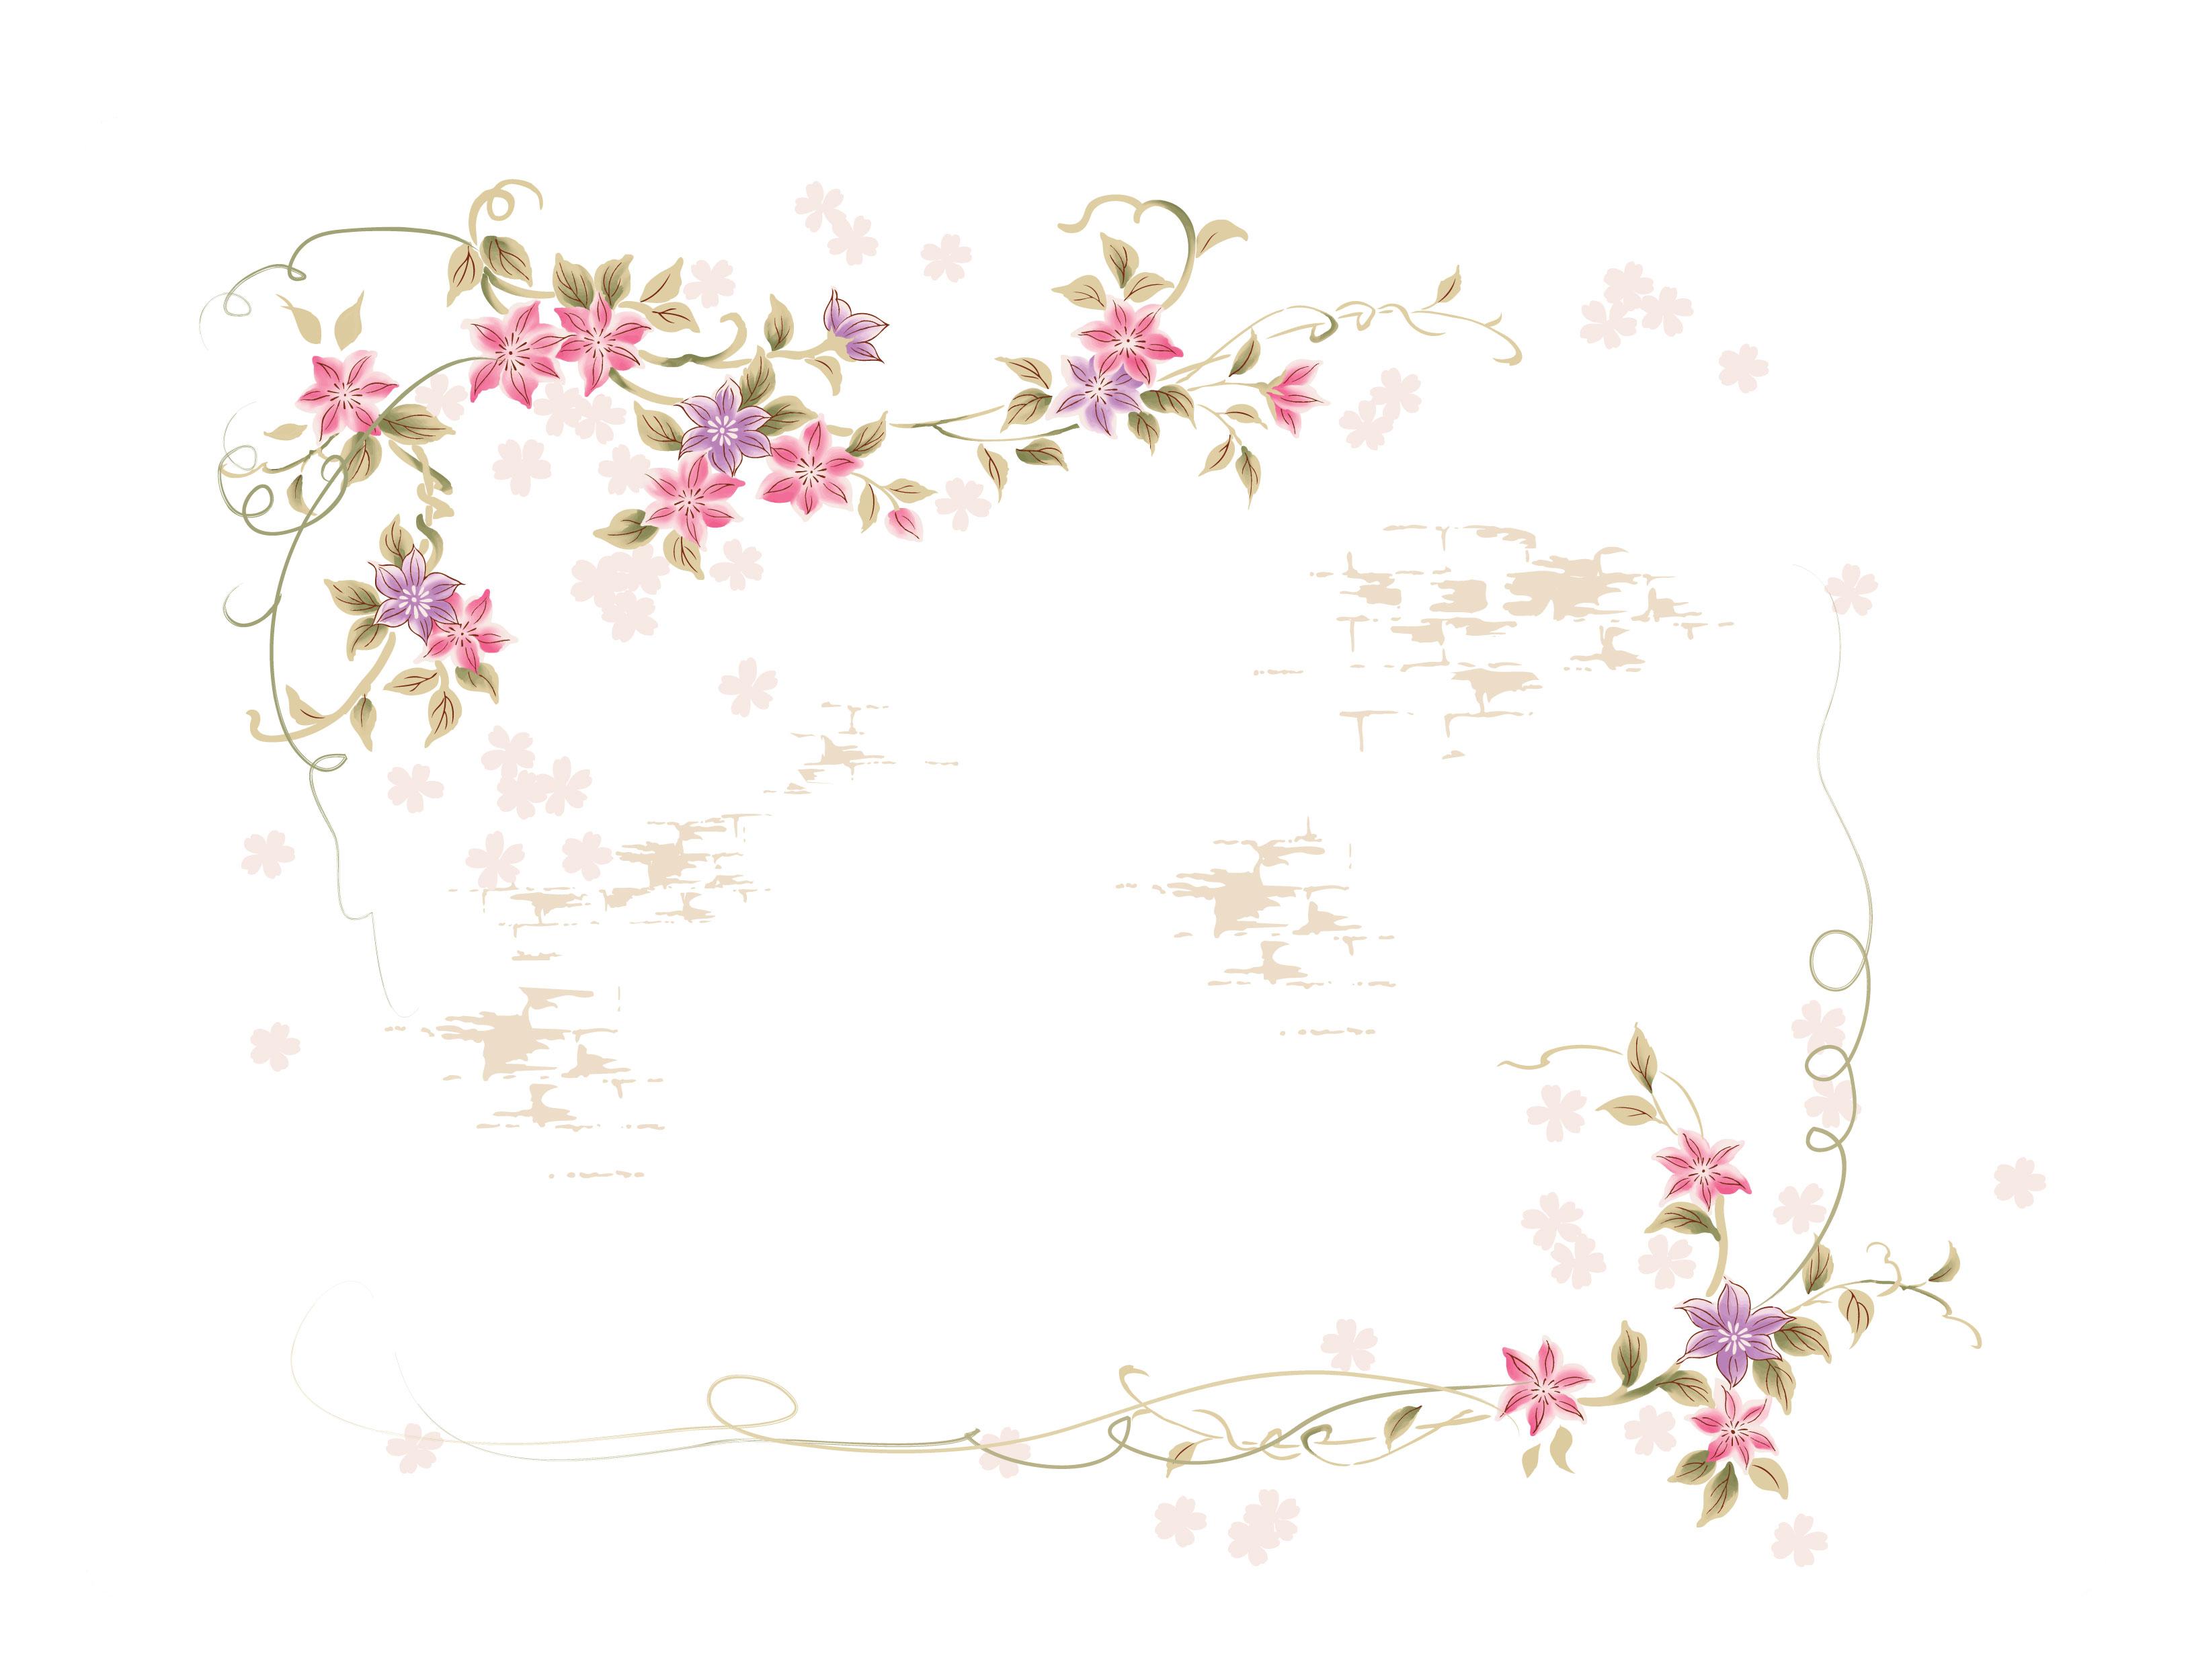 壁紙・背景イラスト/花のフレーム・外枠 no.201『茎葉フレーム・コーナー』